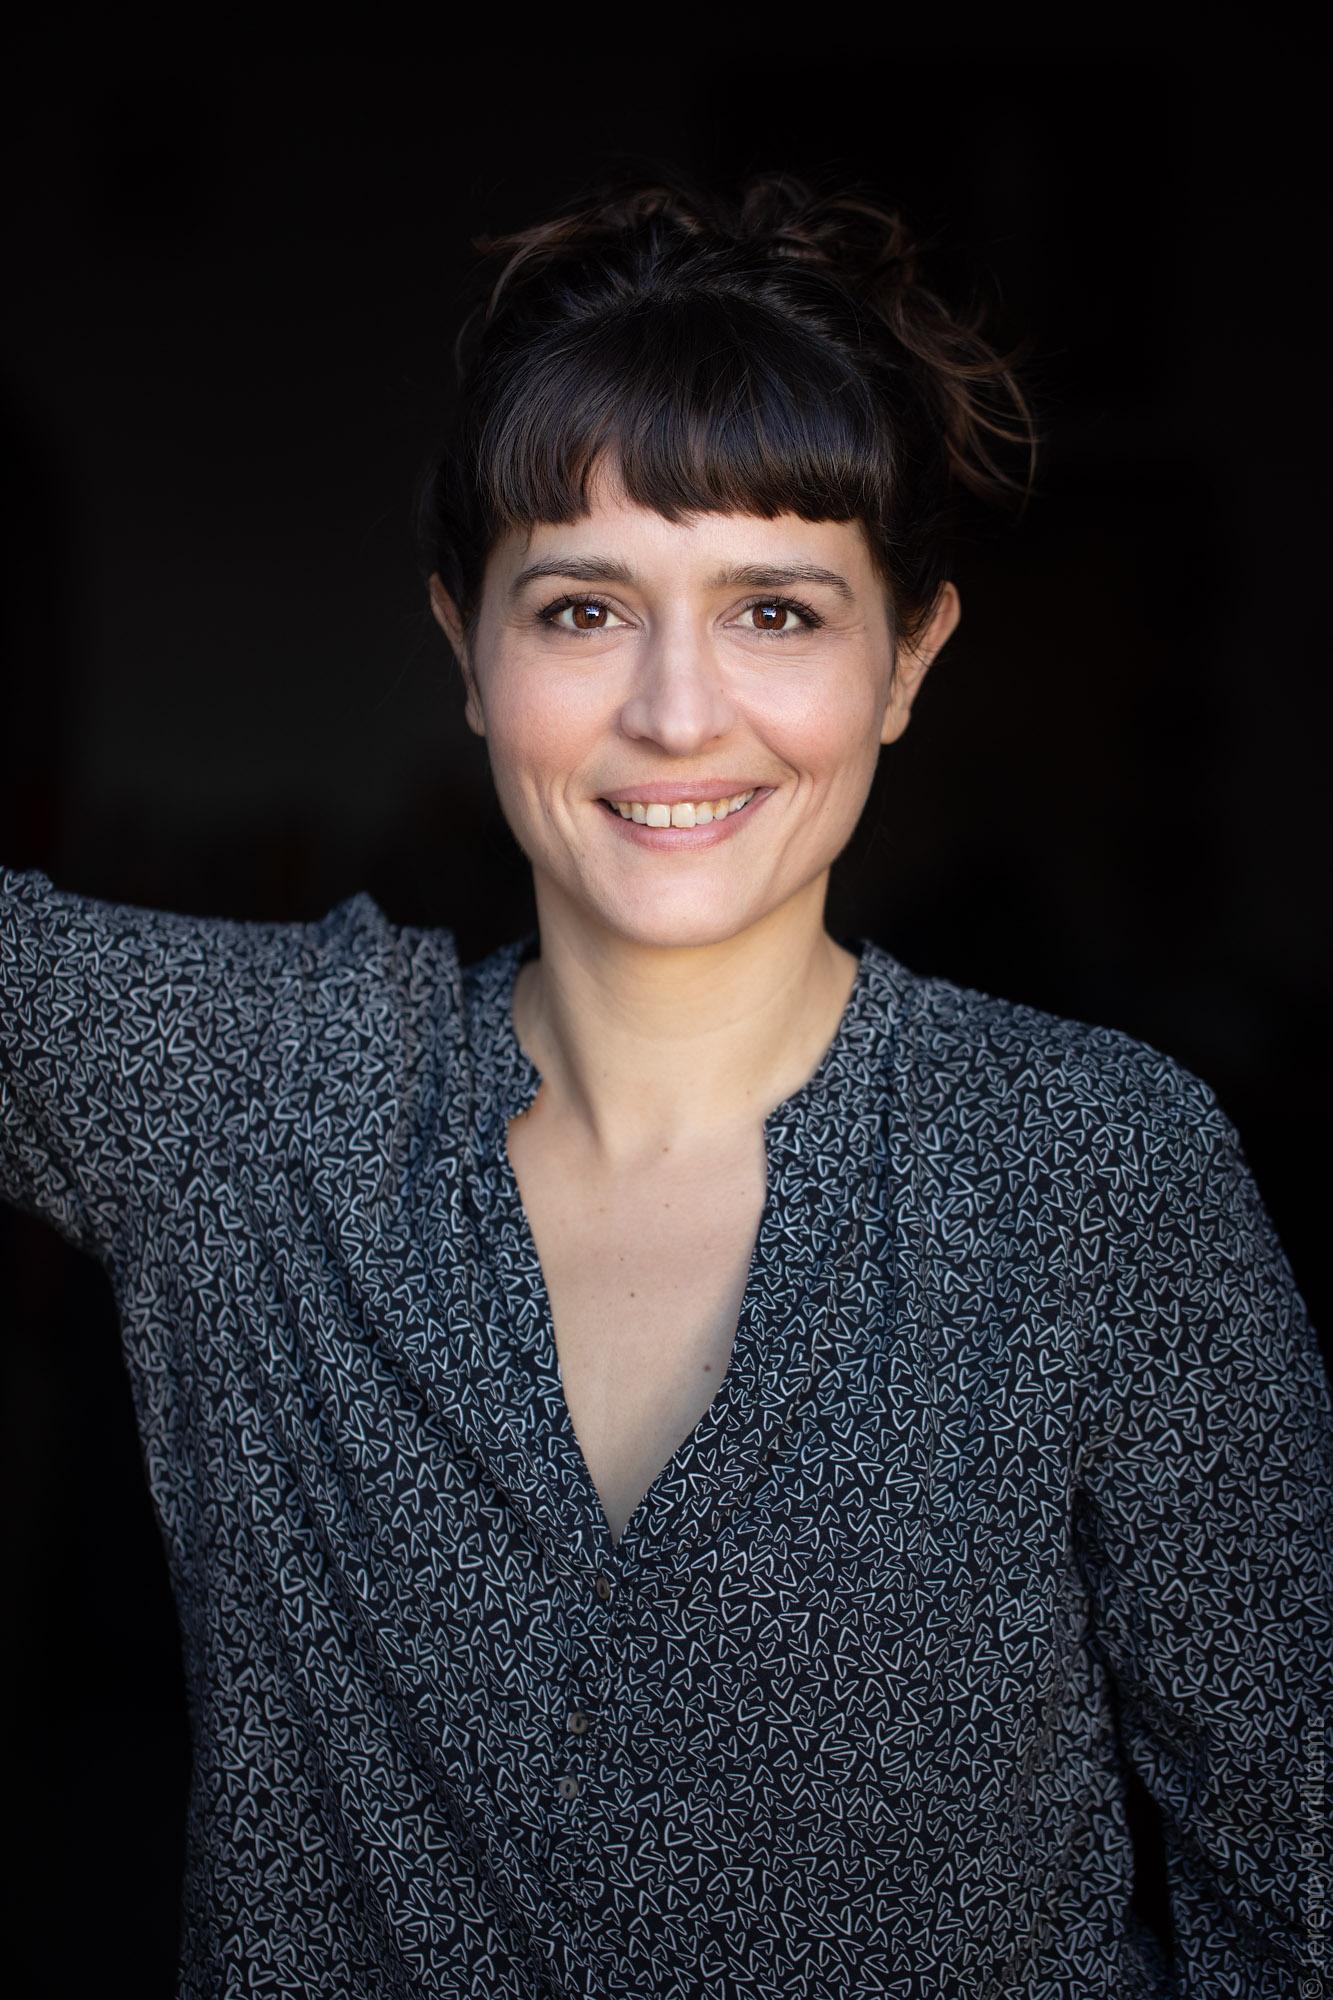 Claire Schumm